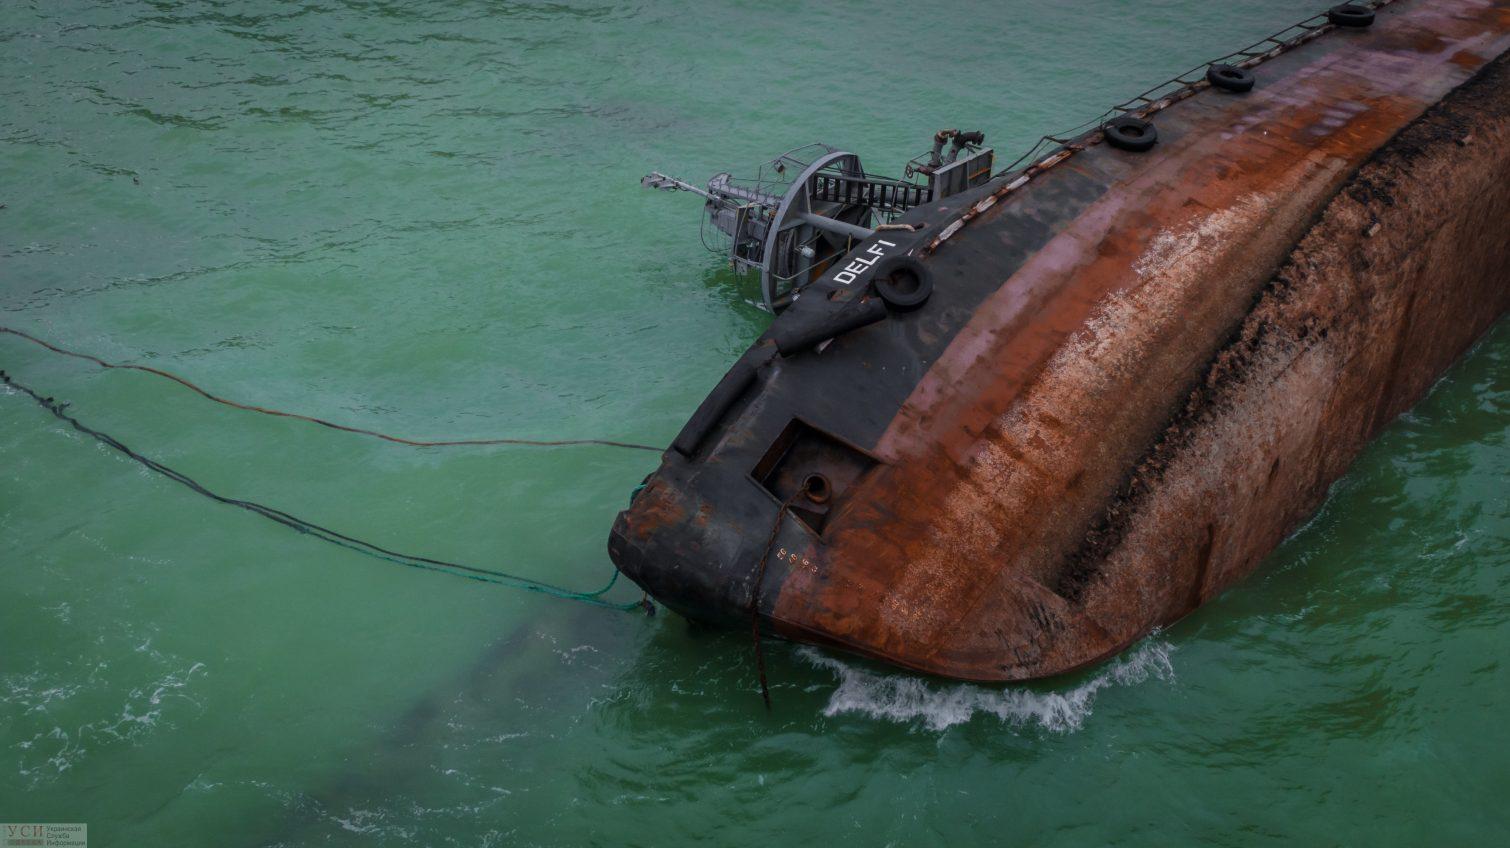 Глава Одесской ОГА опубликовал письменный отчет о ходе спасательной операции танкера Delfi «фото»